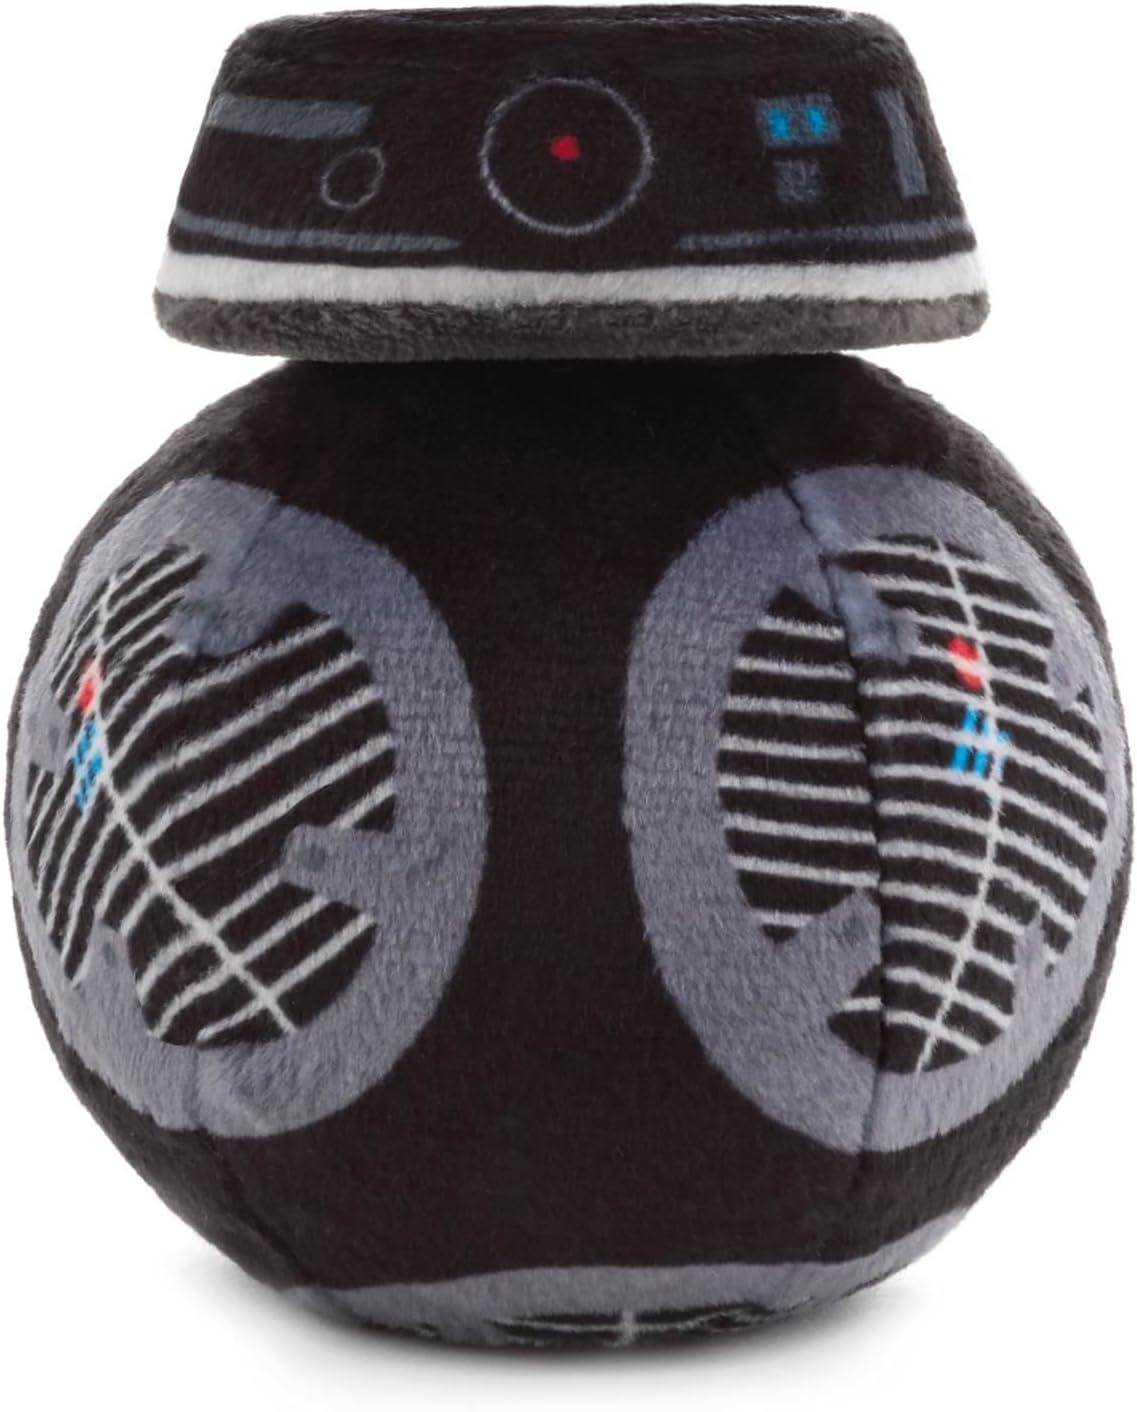 Hallmark itty bittys Star Wars: The Last Jedi BB-9E Stuffed Animal Itty Bittys Movies & TV; Sci-Fi